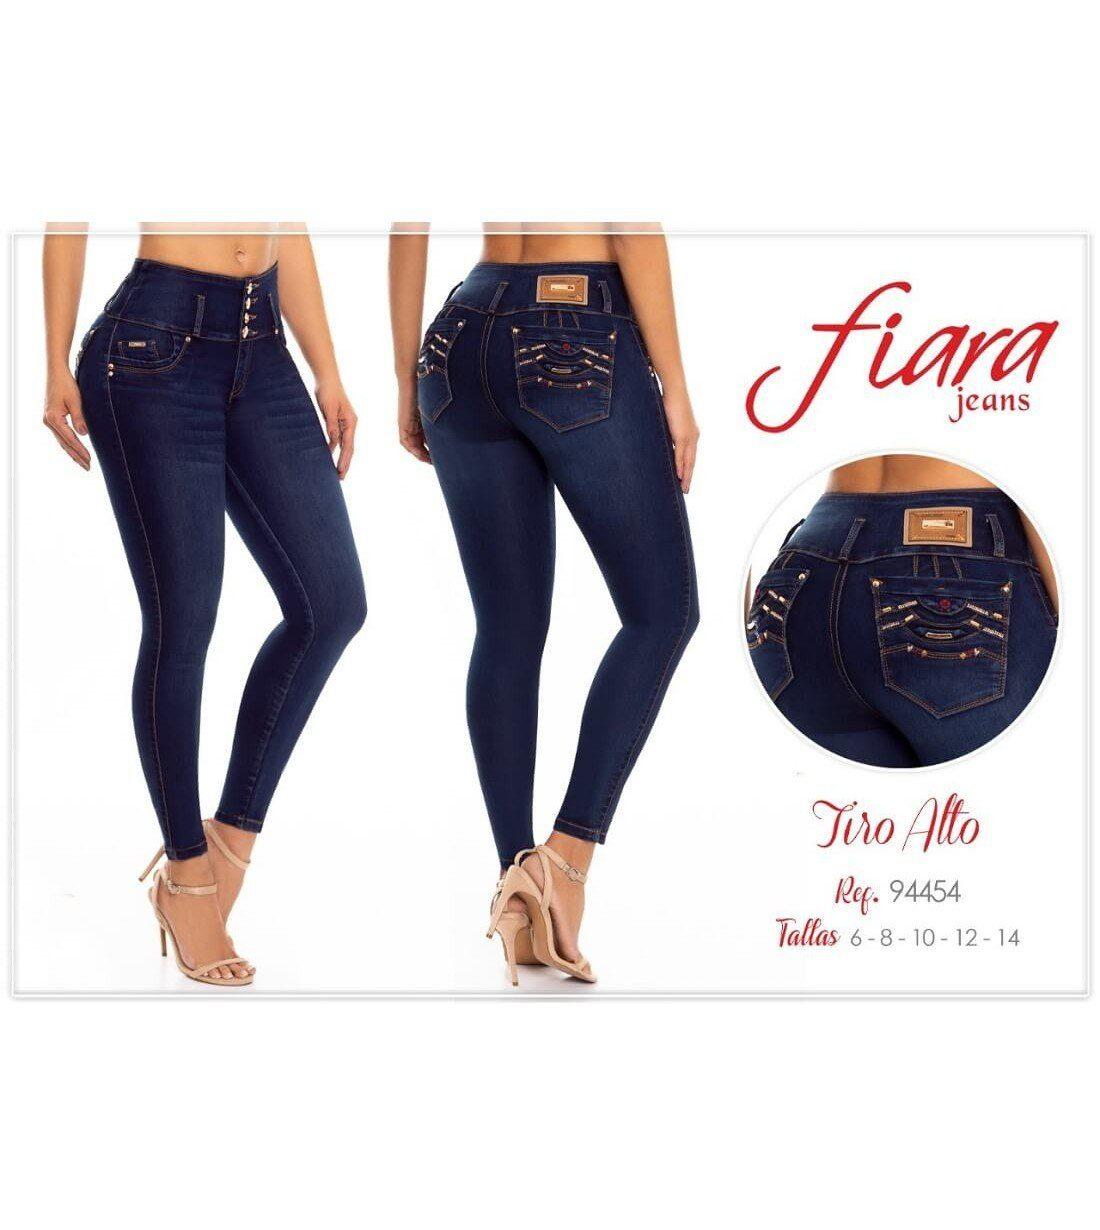 Pantalon Colombiano Do Jeans -94454